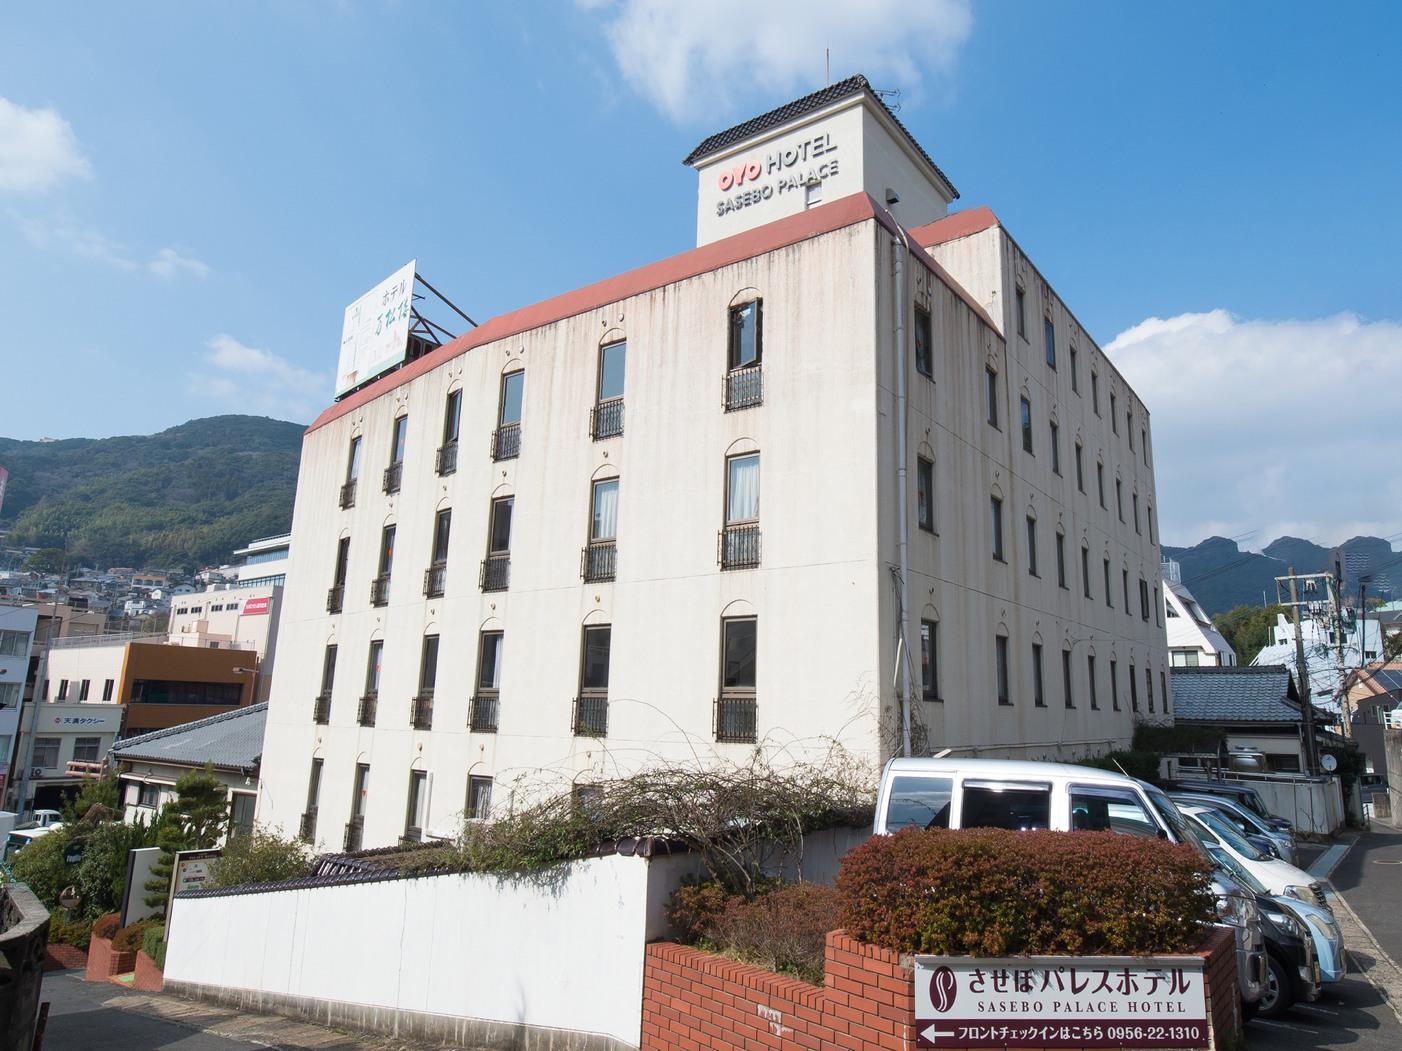 させぼ パレス ホテル◆楽天トラベル